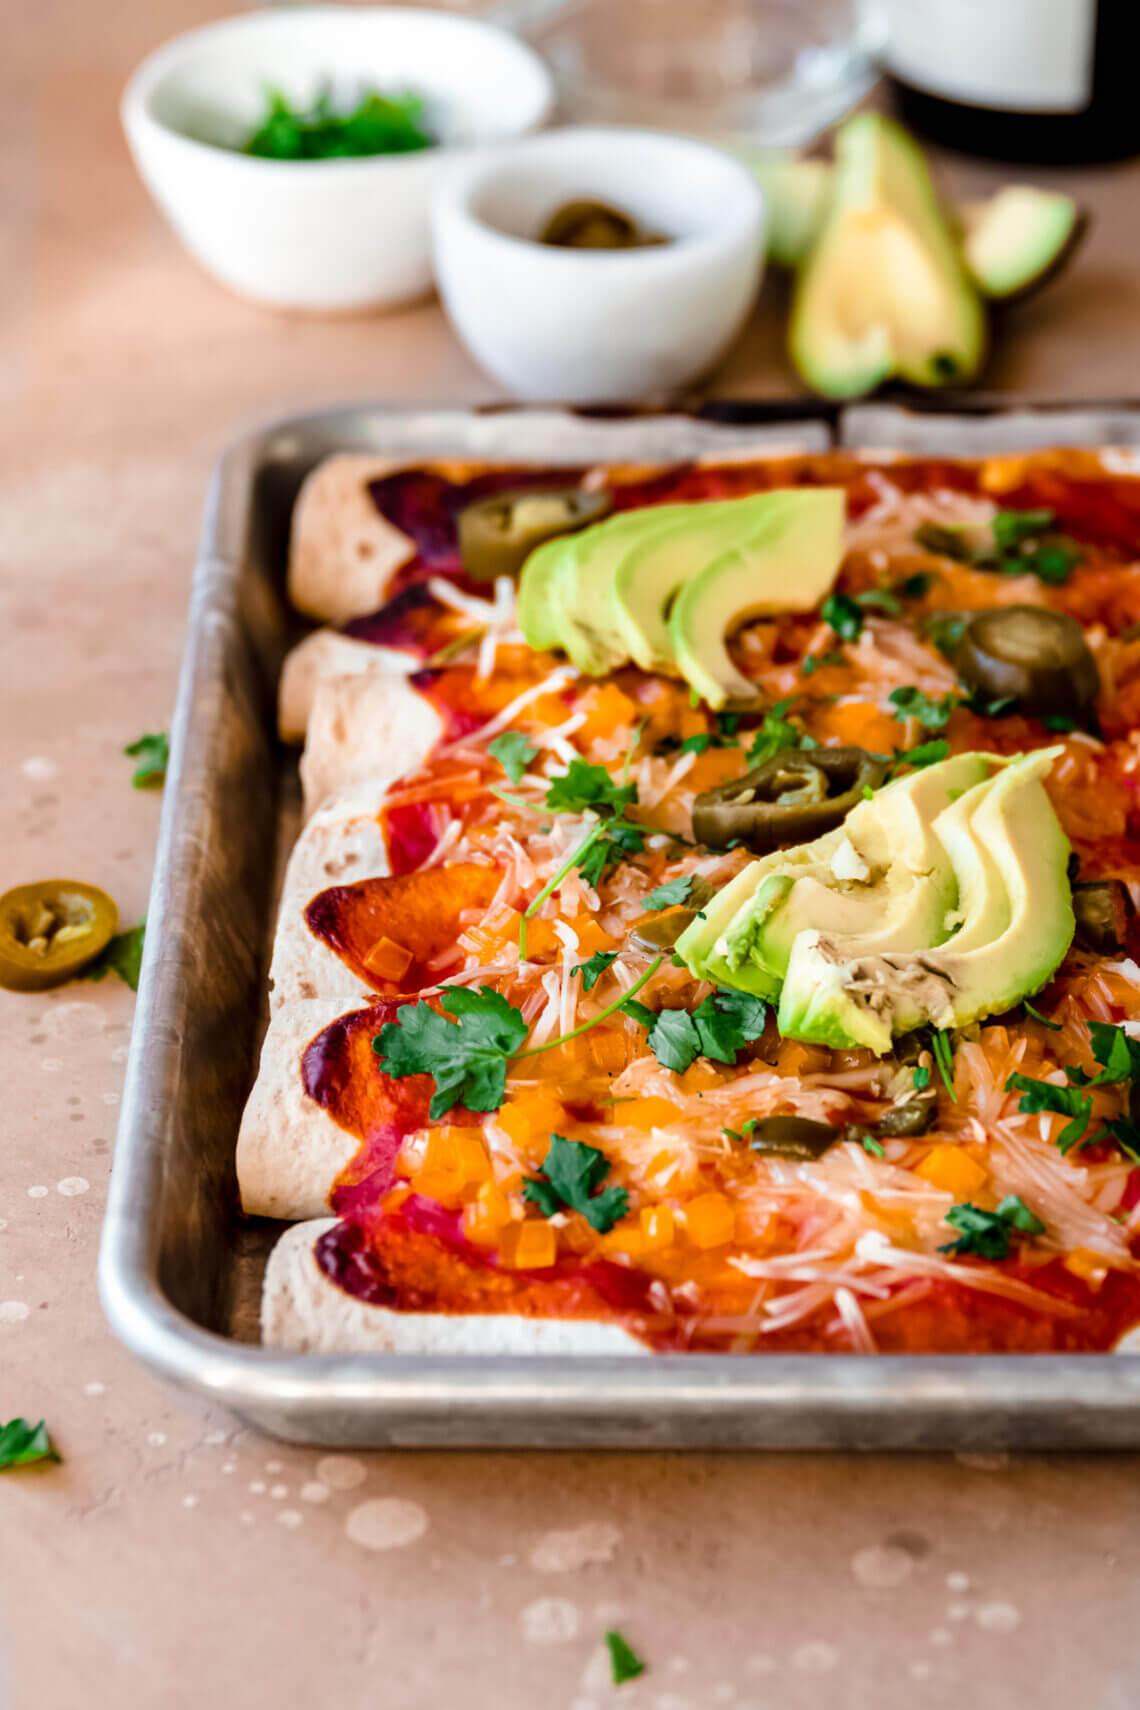 Vegan enchilada met jackfruit